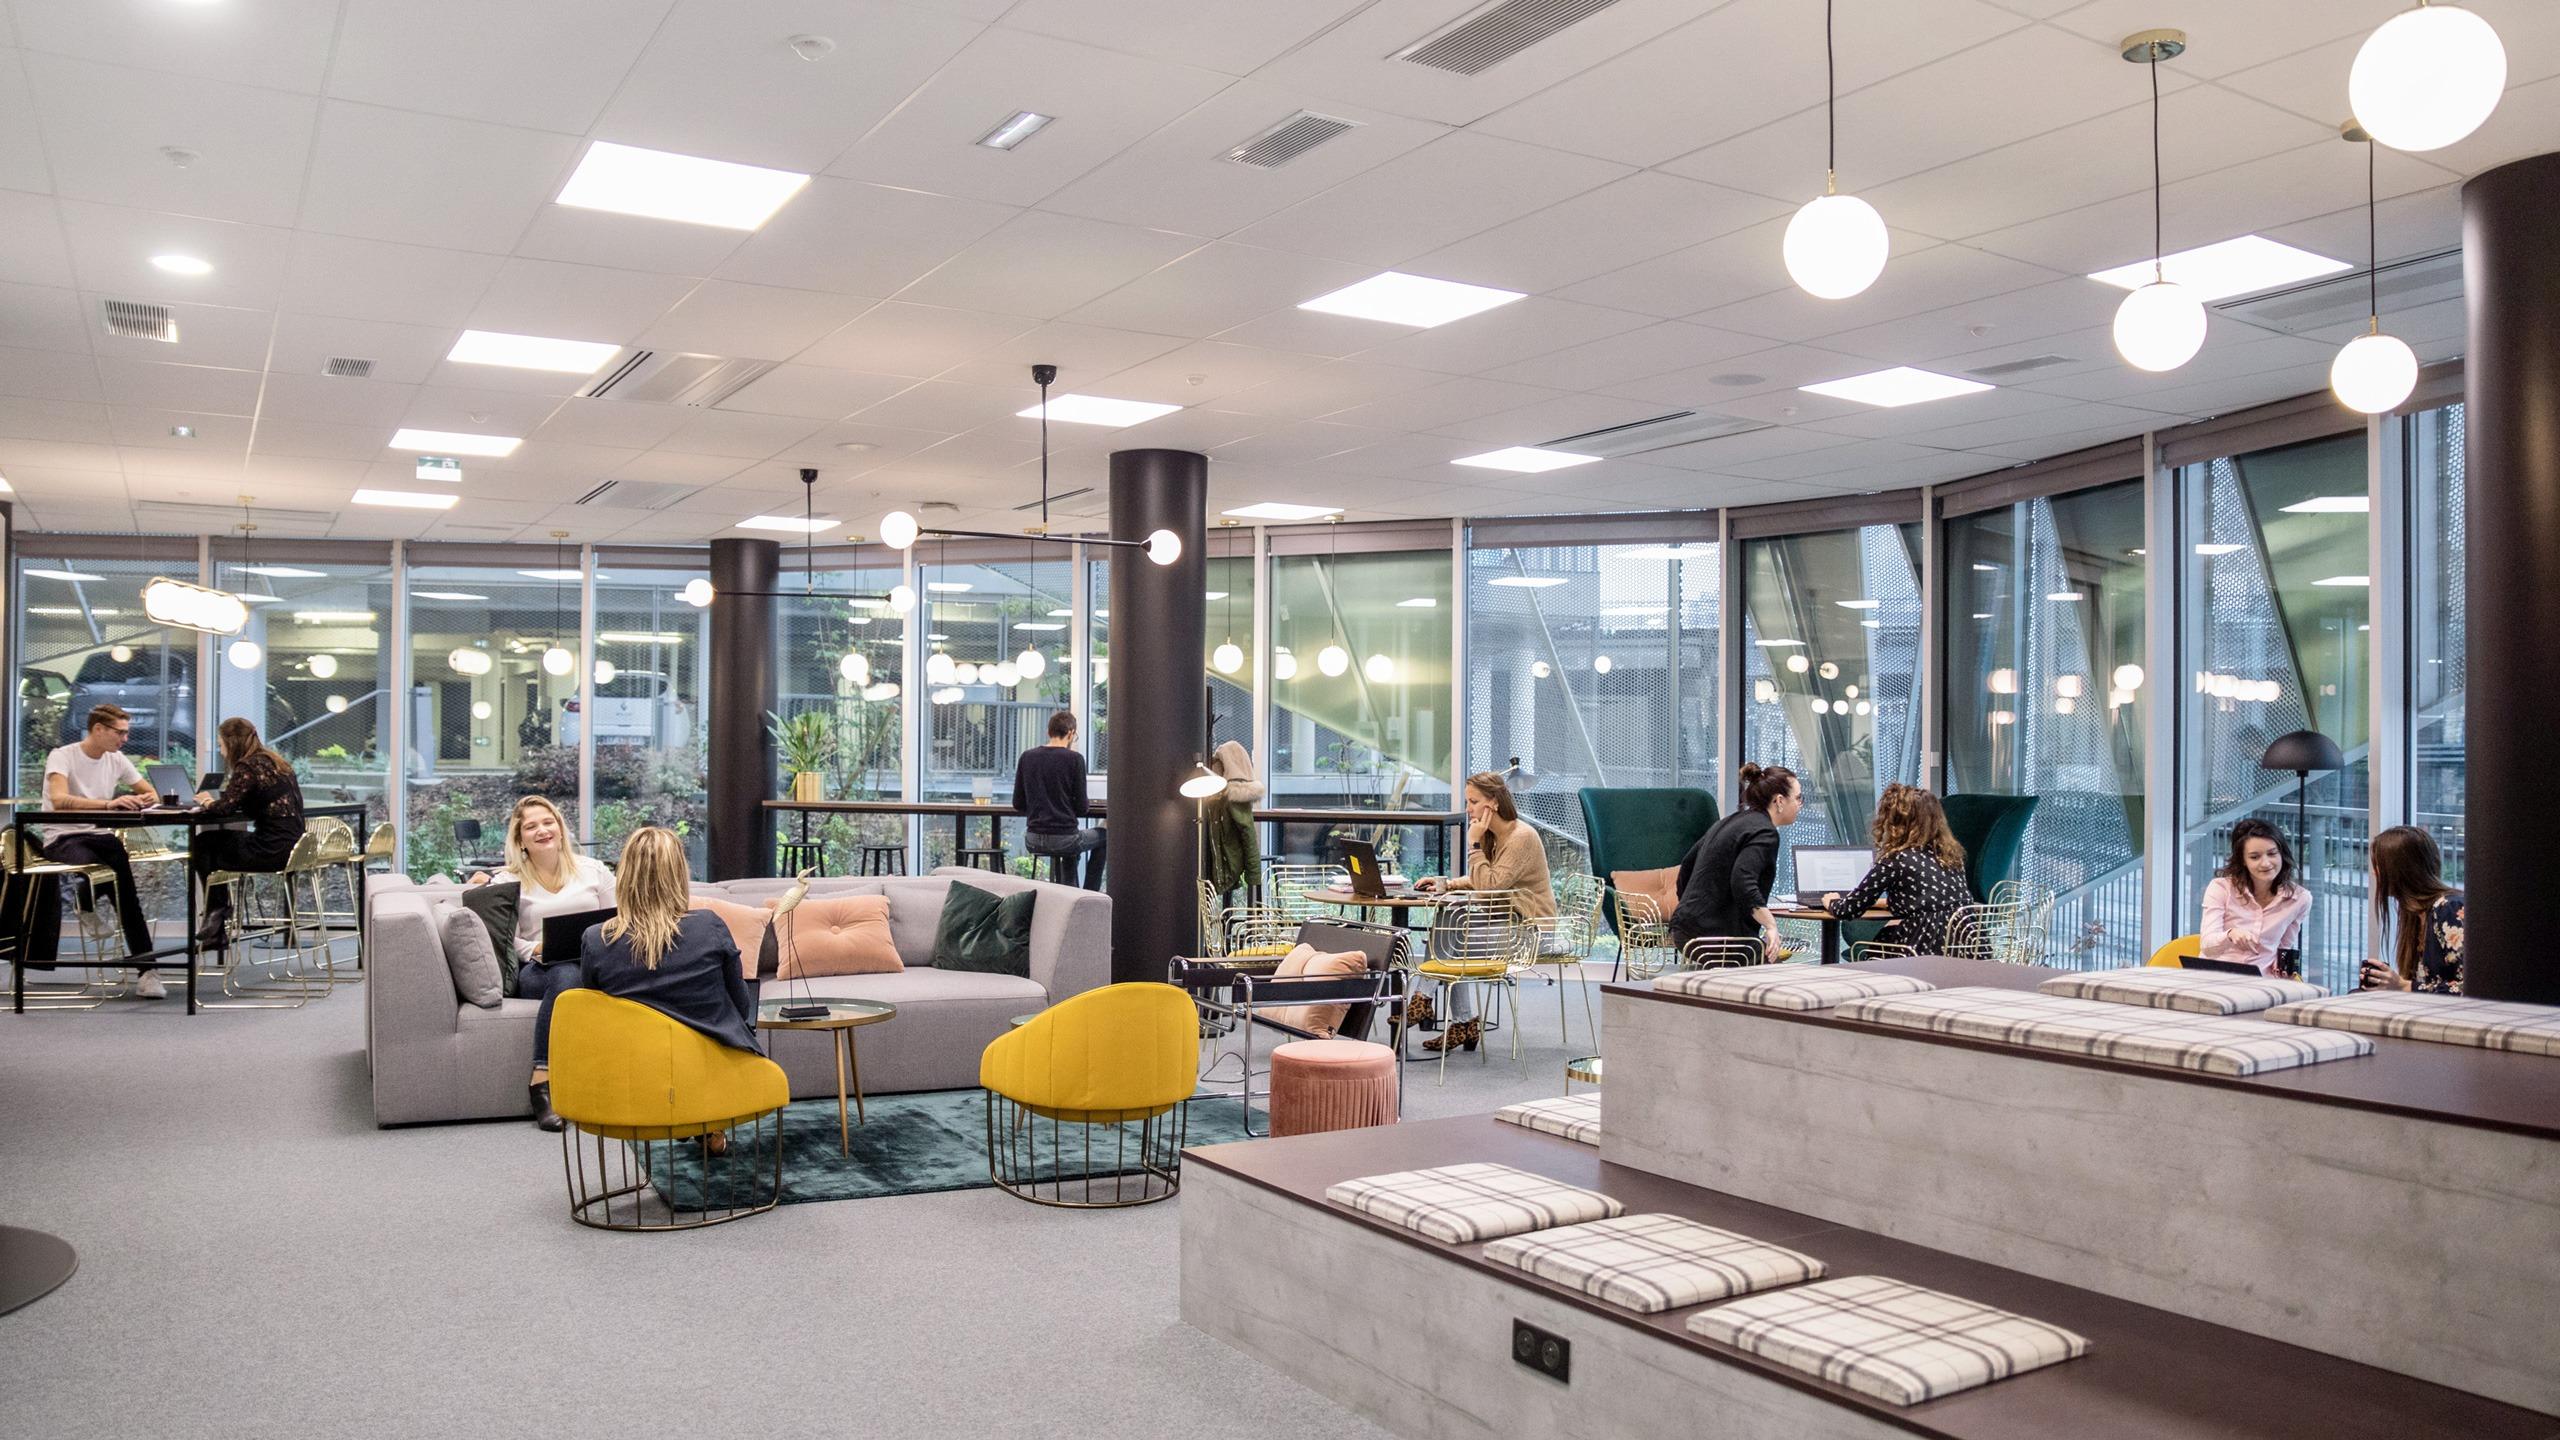 Whoorks - Bureaux en flex office à Rennes